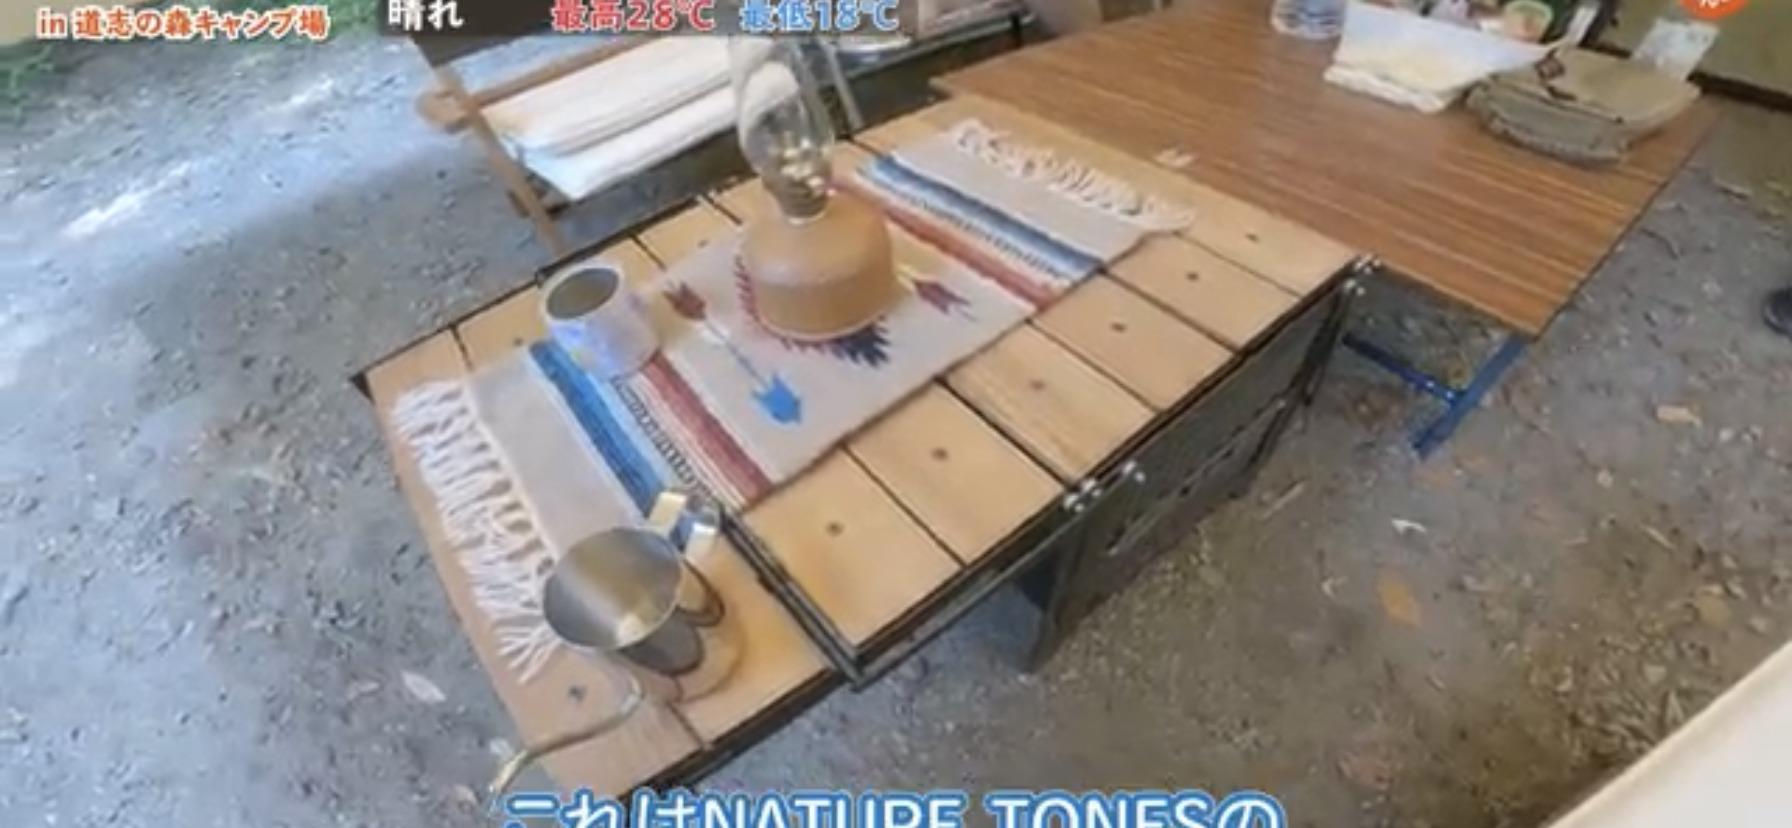 テーブル×収納ボックス:【NATURE TONES (ネイチャートーンズ) 】サイドアップ・BOXテーブル